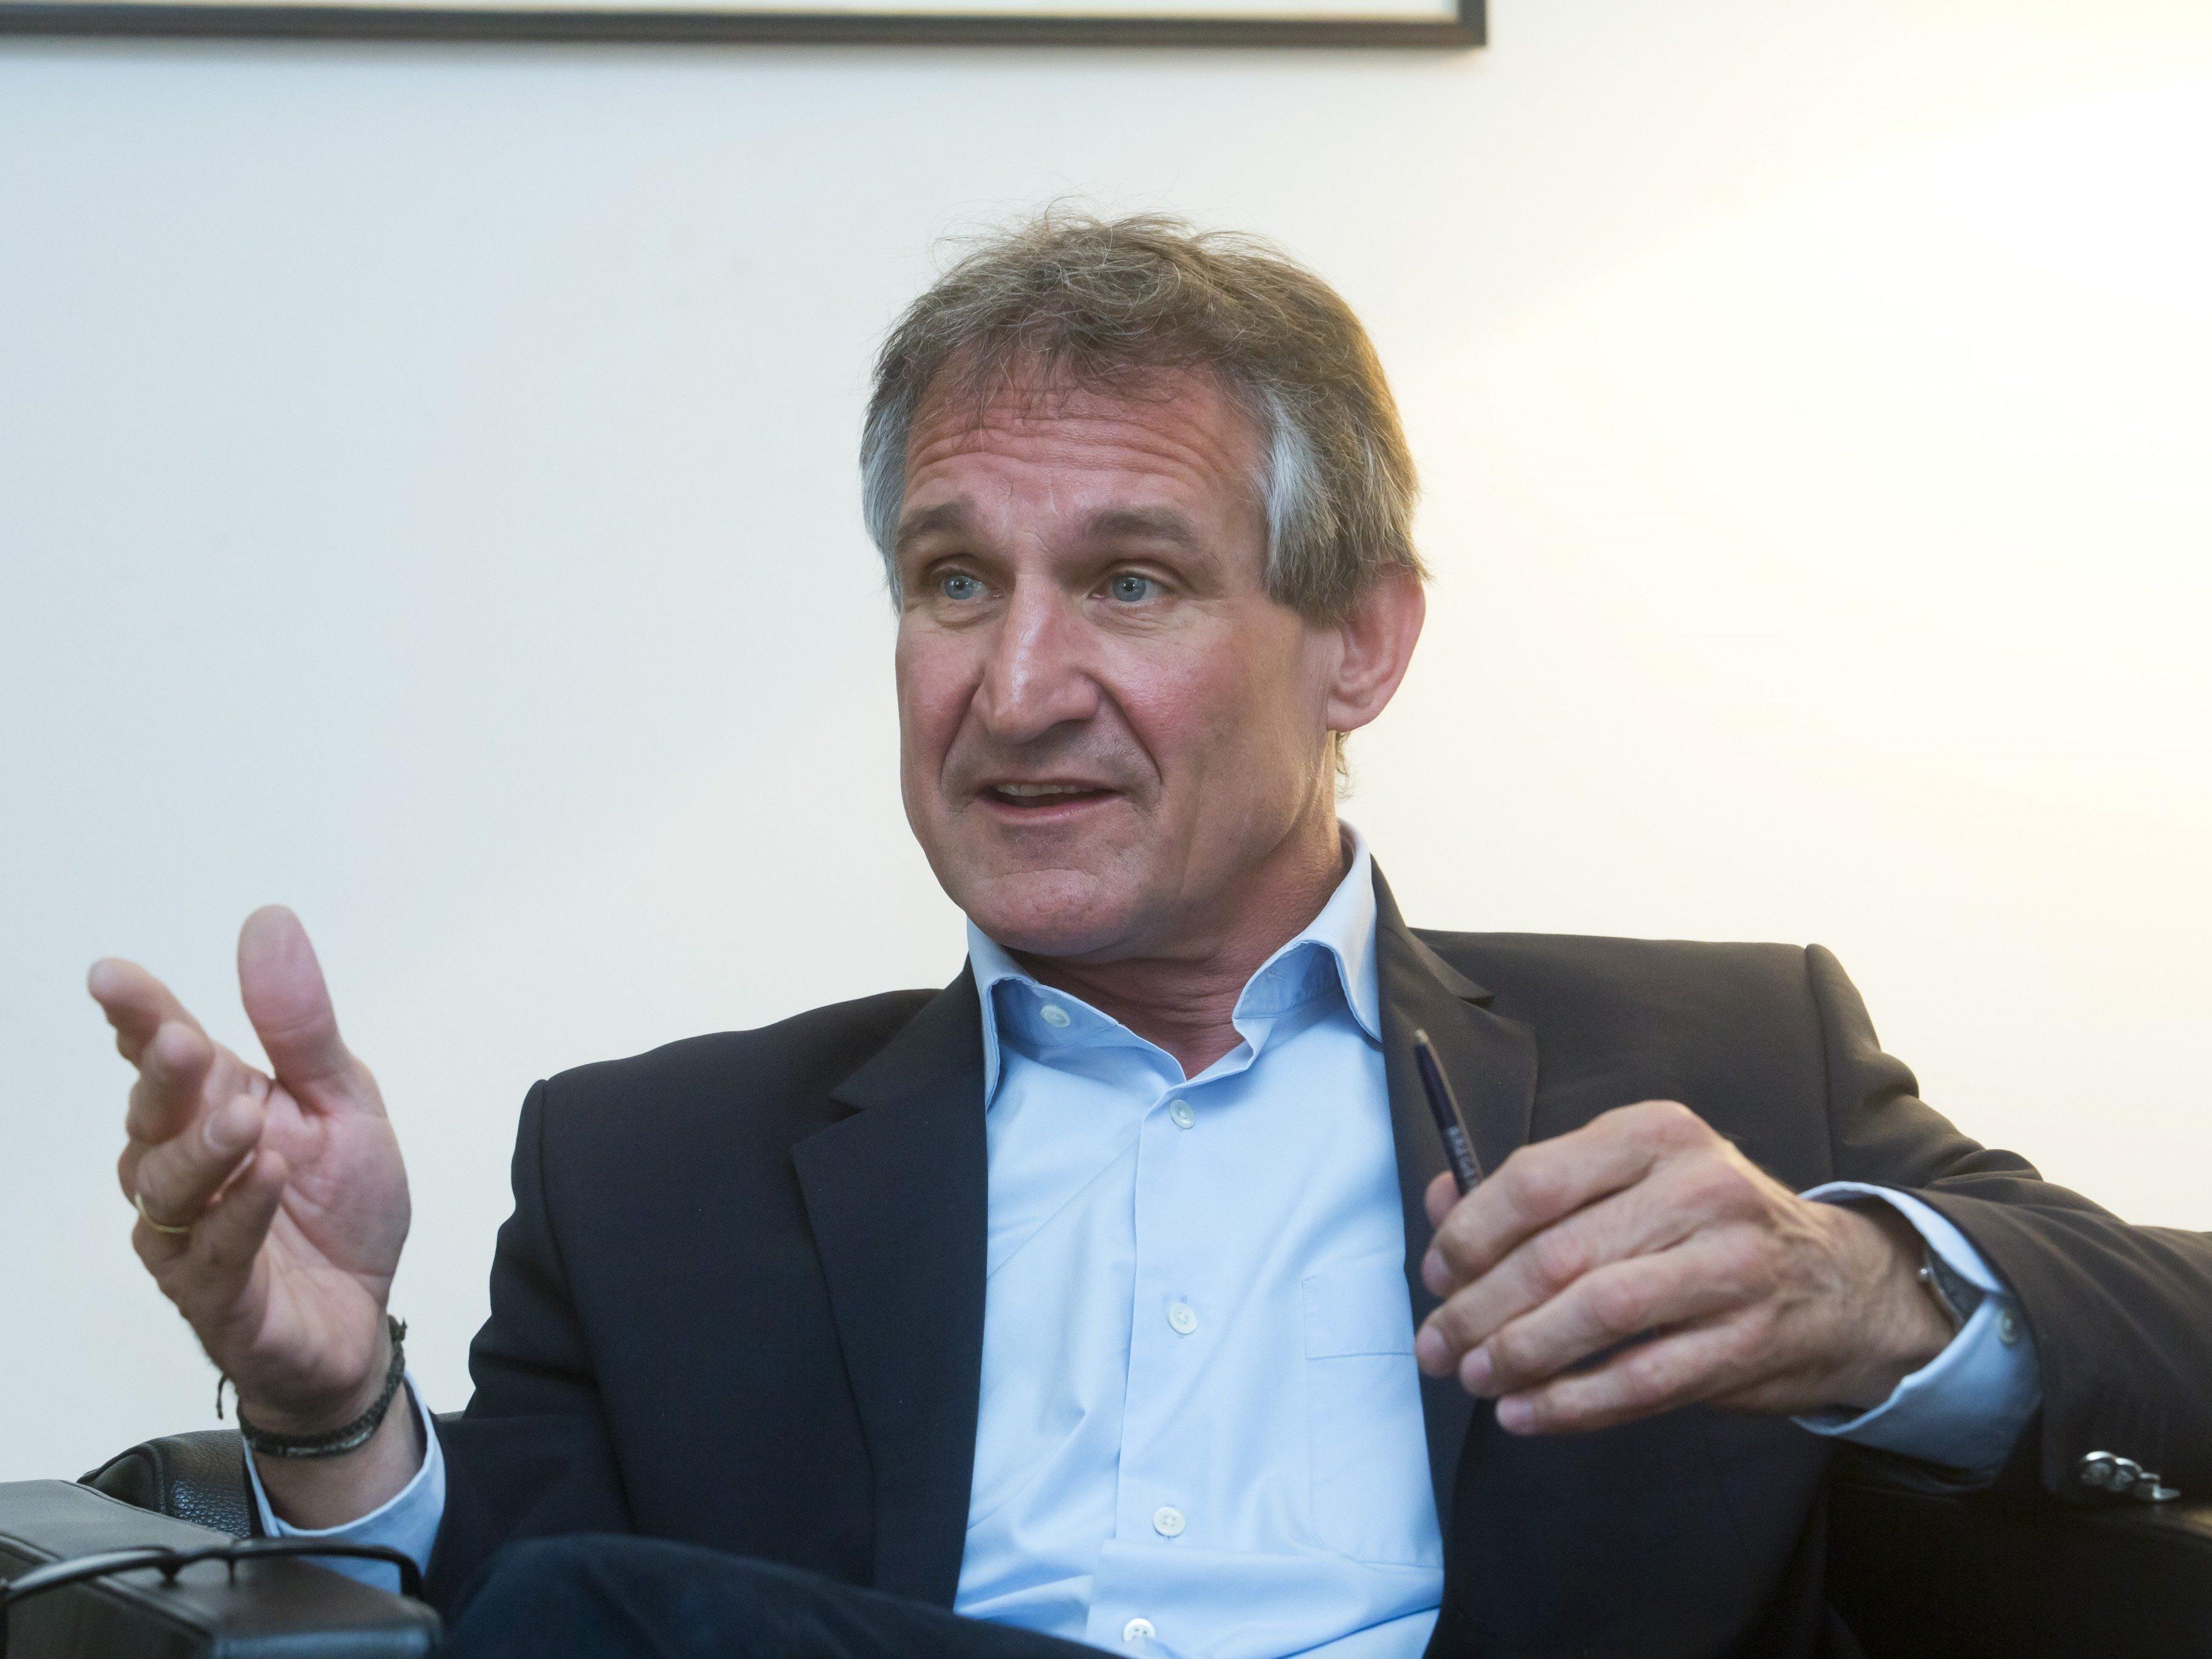 Markus Linhart überlegt die Bewerbung von Bregenz als Kulturhauptstadt.